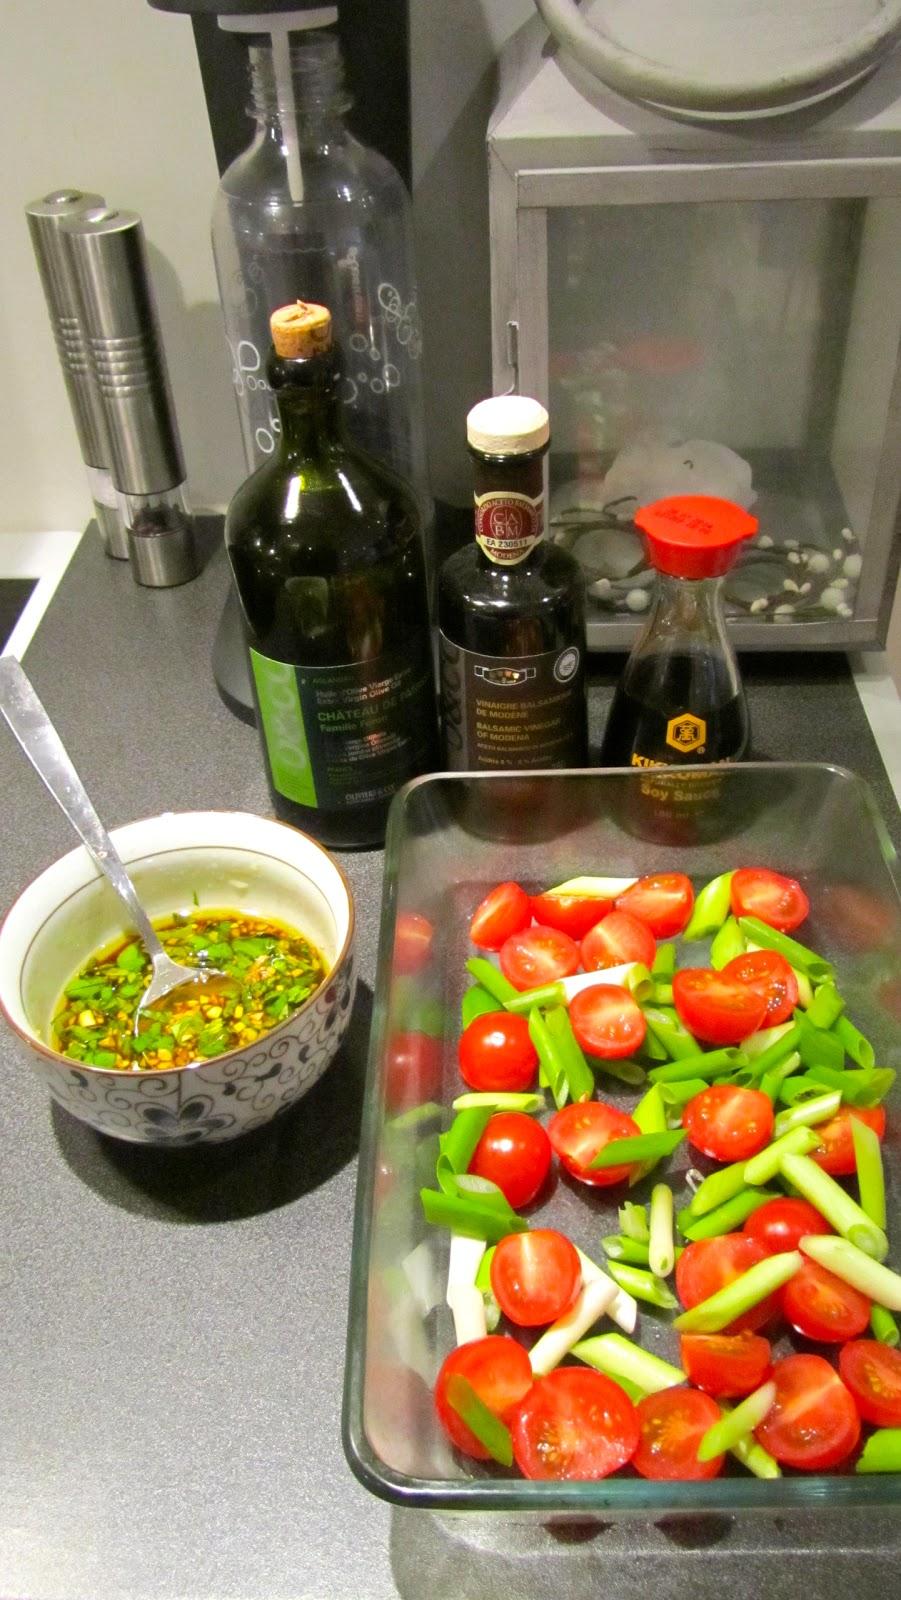 ovnsbakte cherrytomater med balsamico